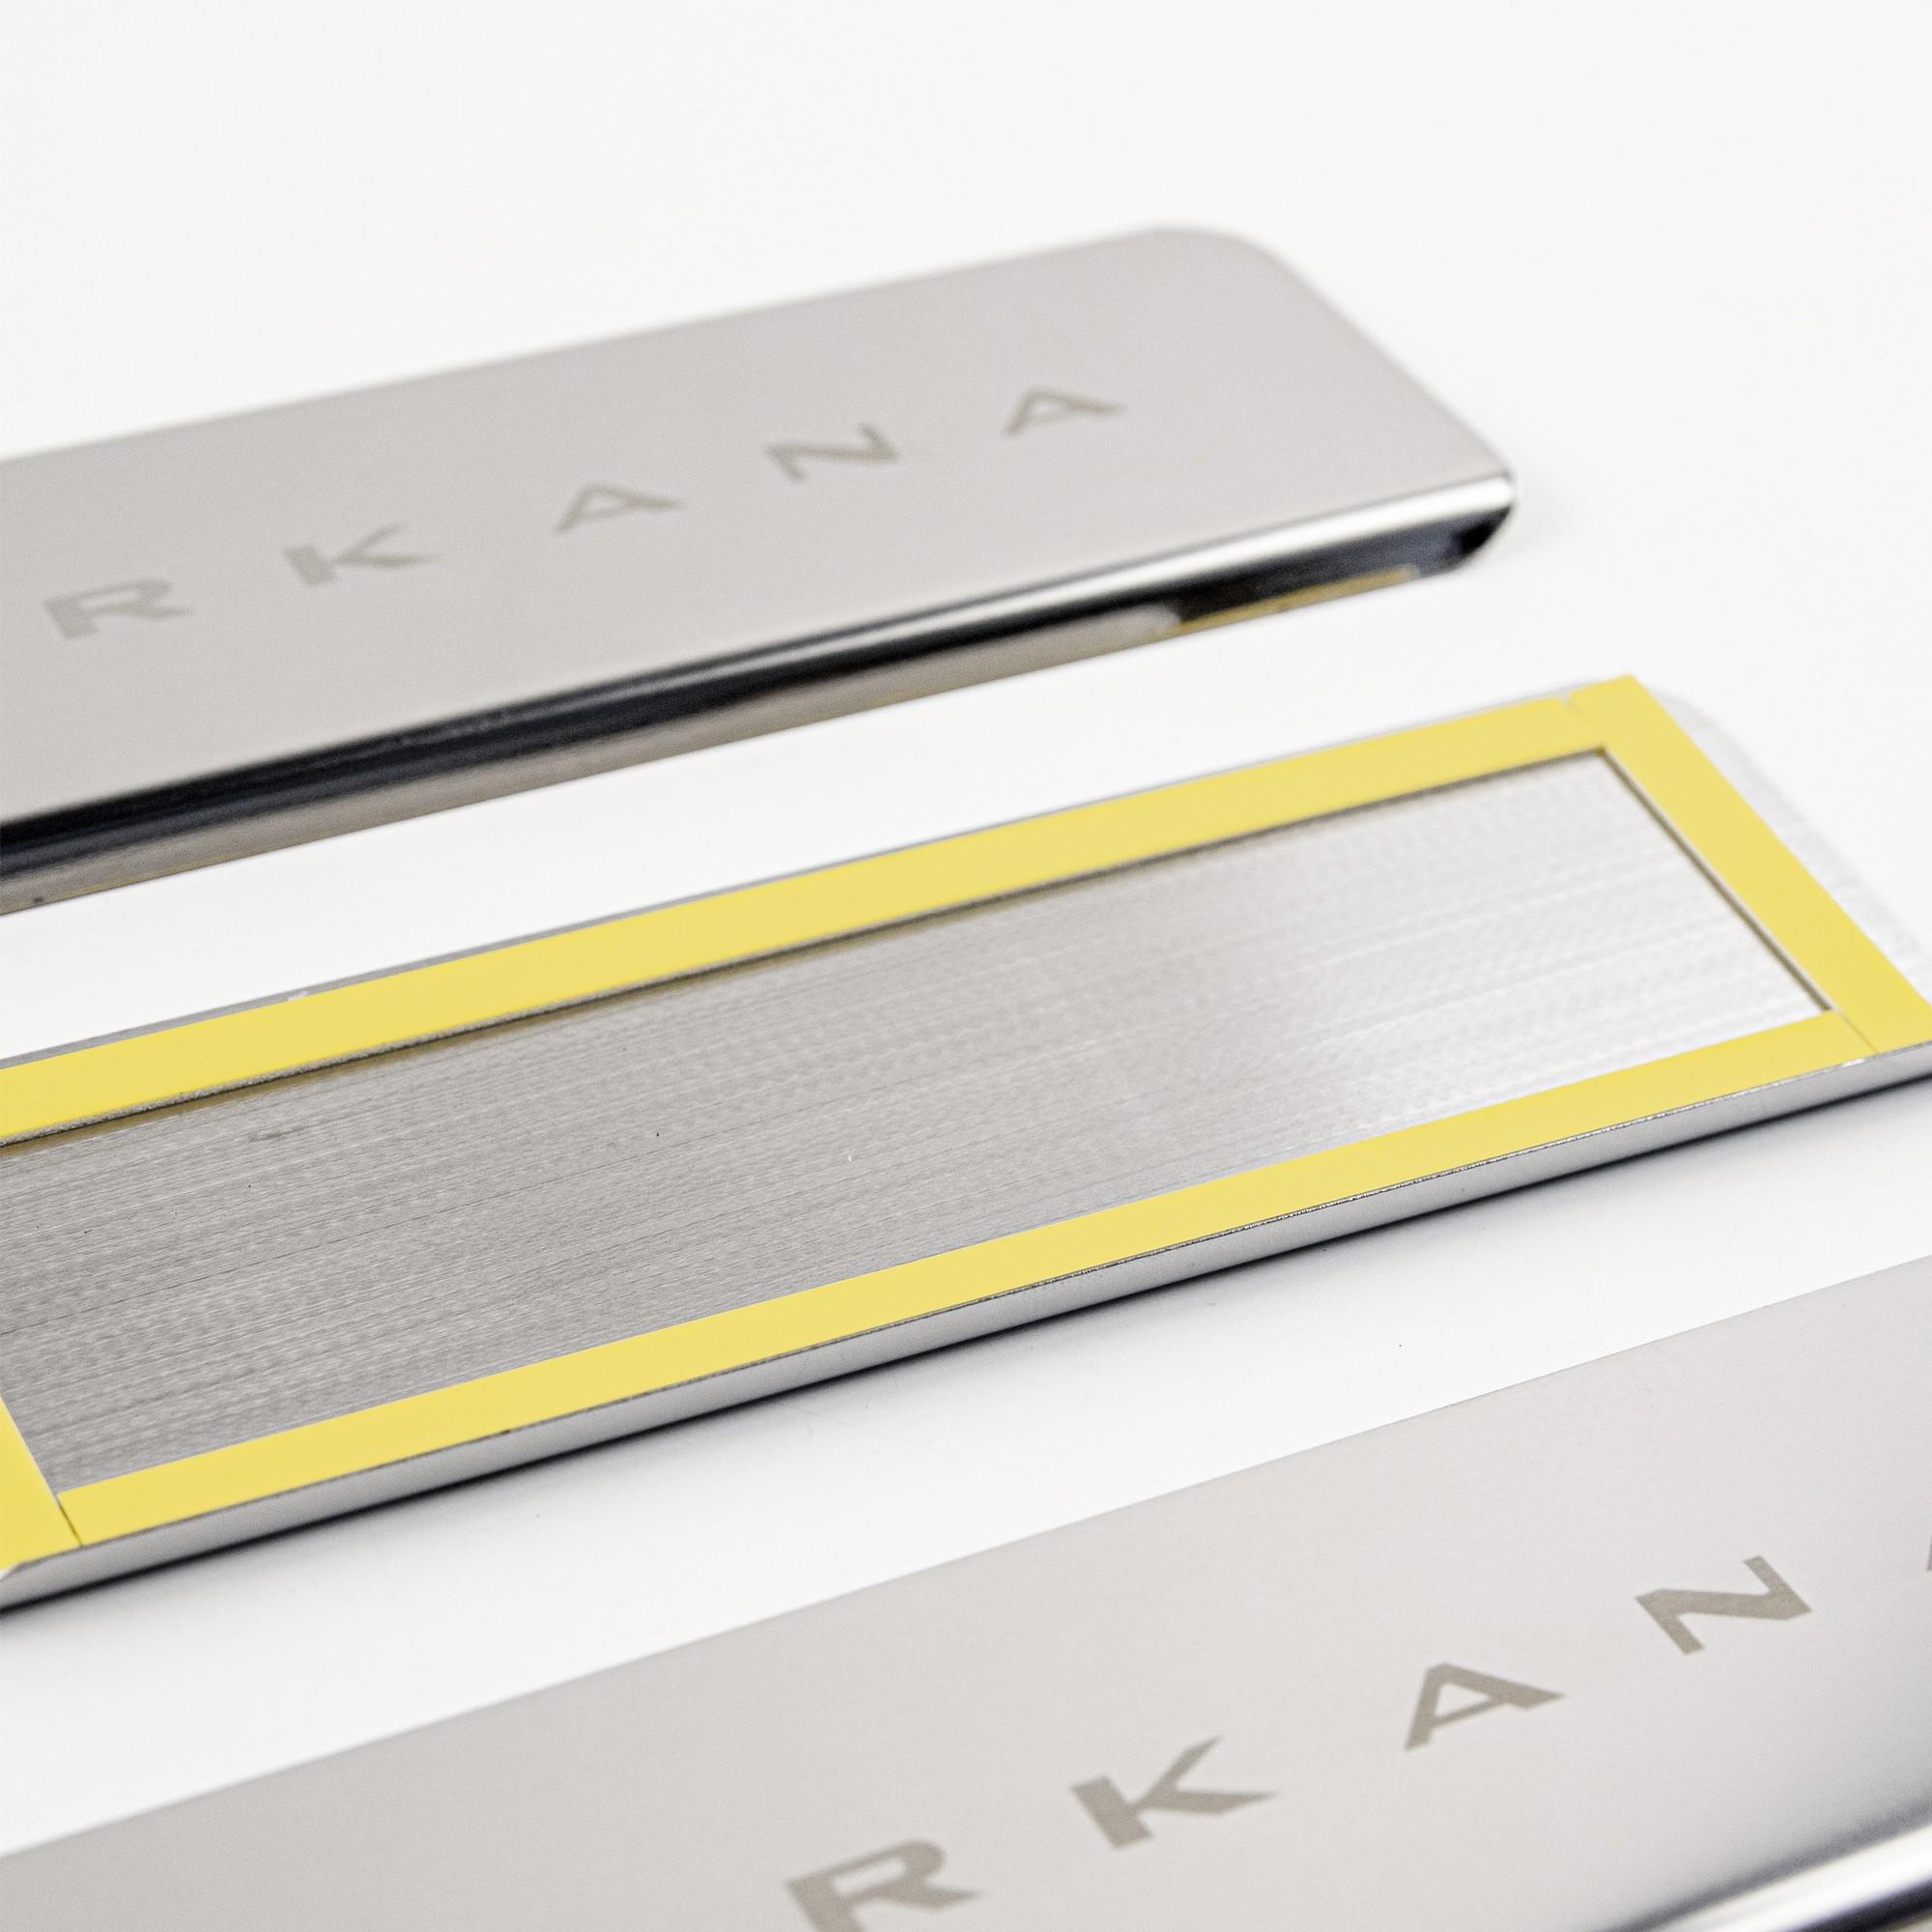 Накладки на пороги в проем дверей (нержавейка) для Renault Arkana2